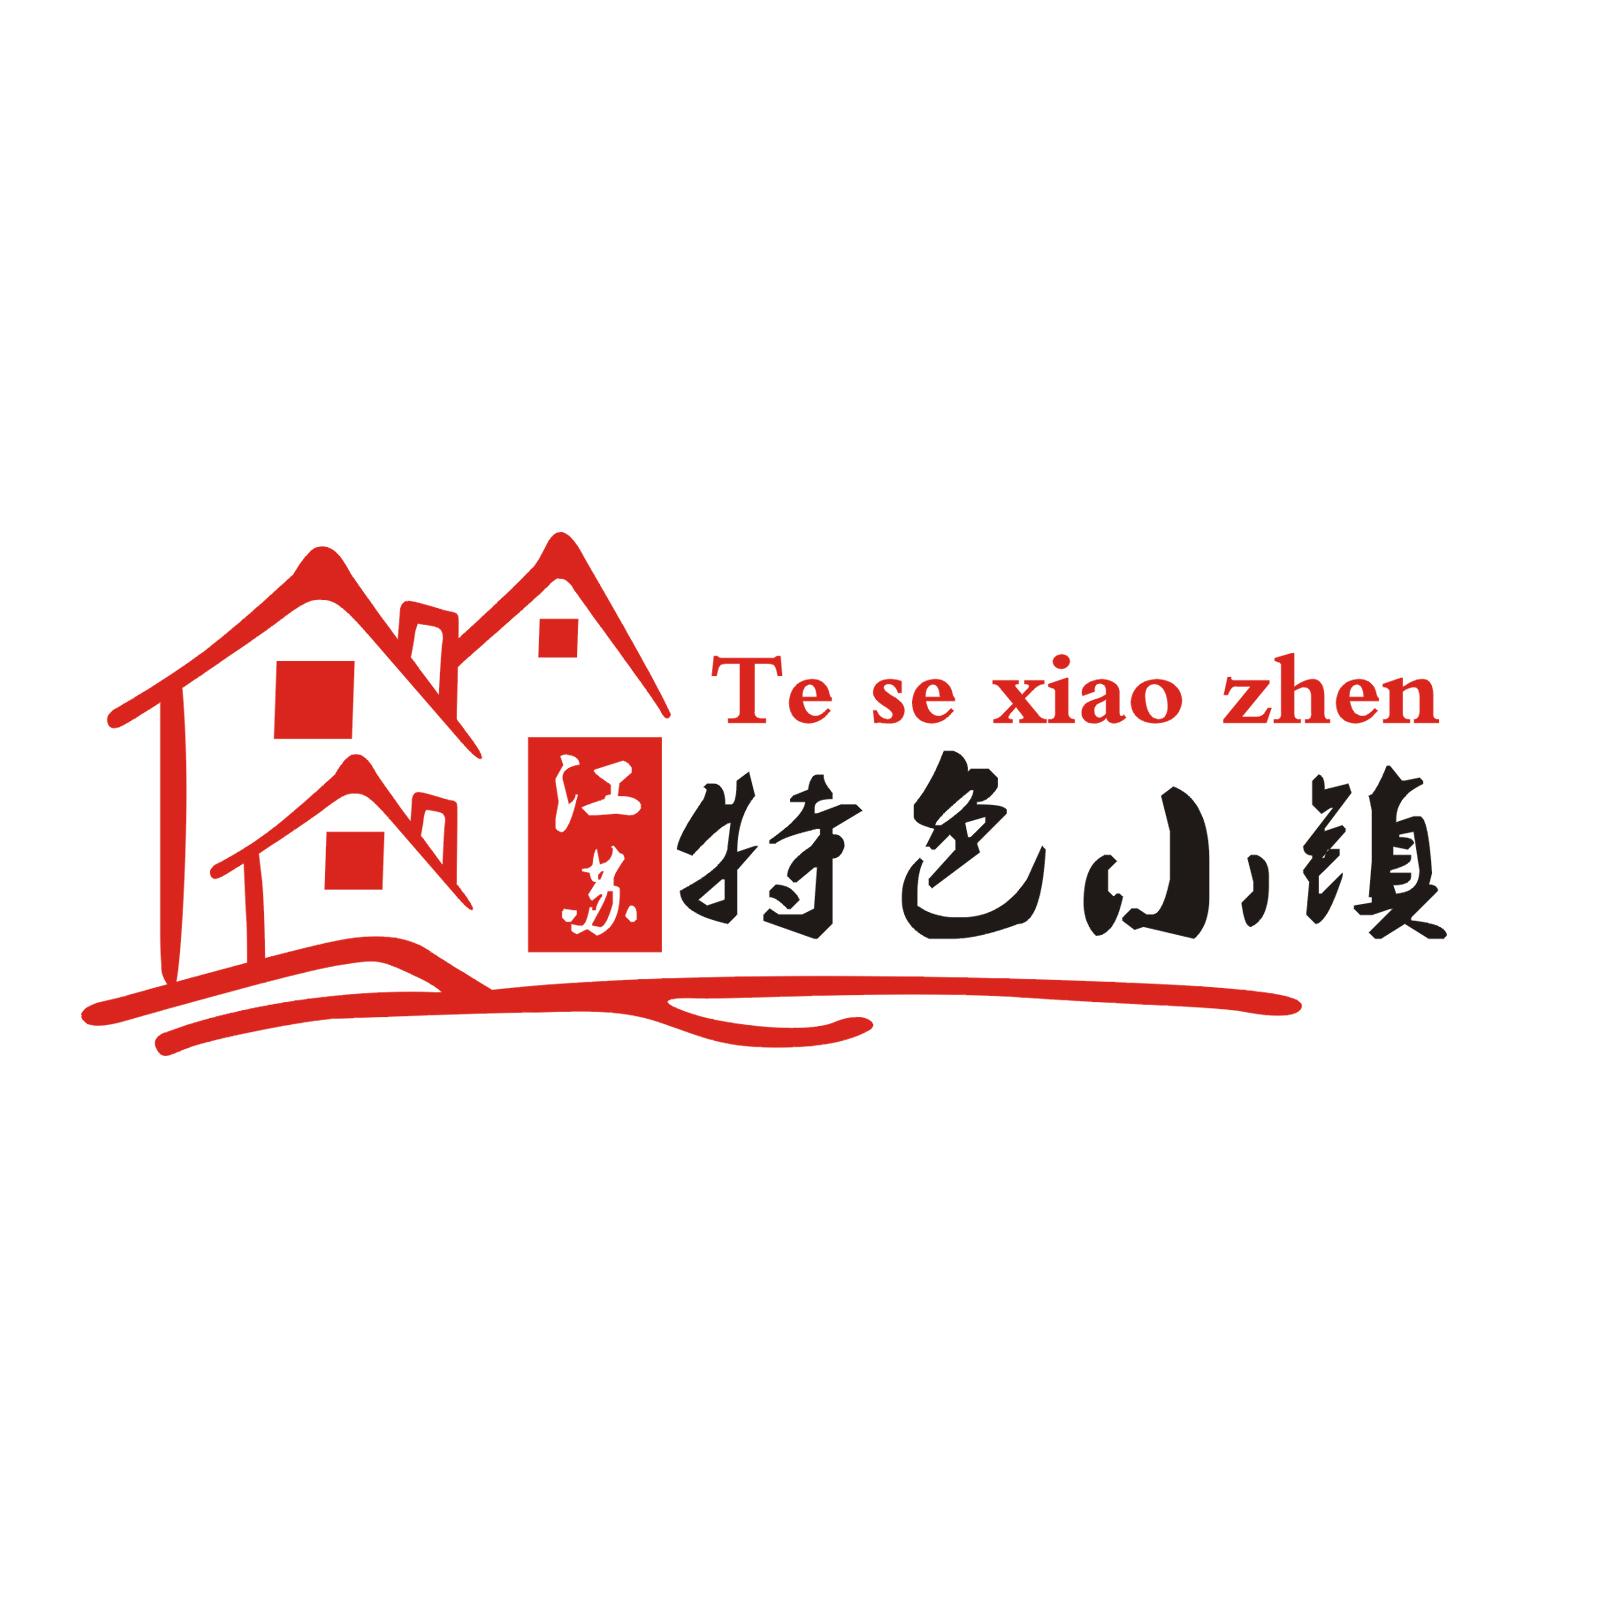 江苏特色小镇版块标识